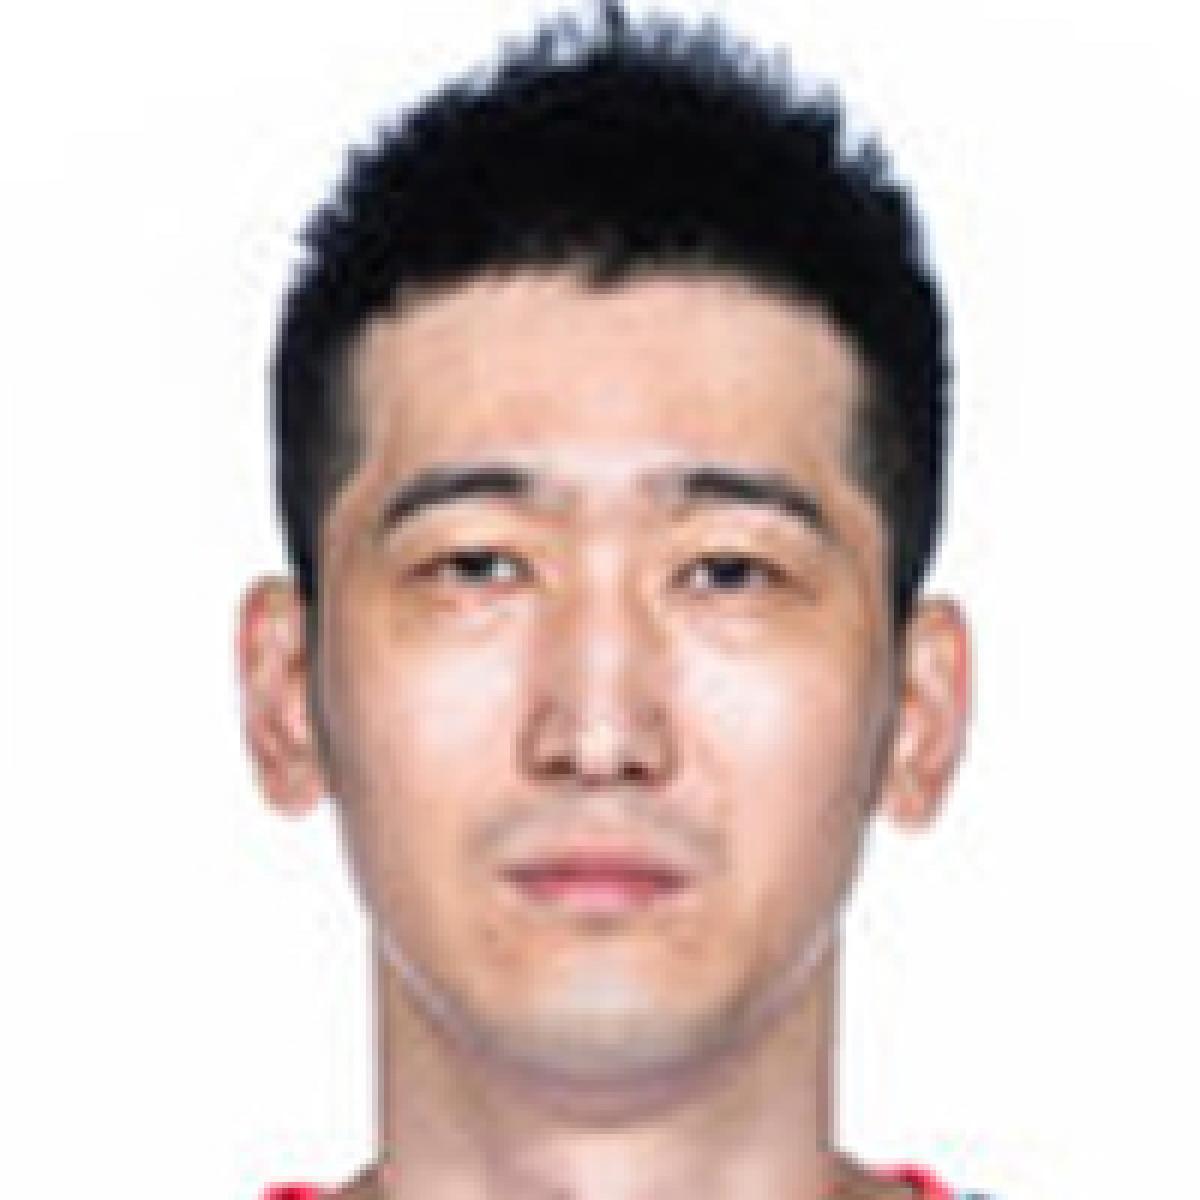 Zhixuan Liu